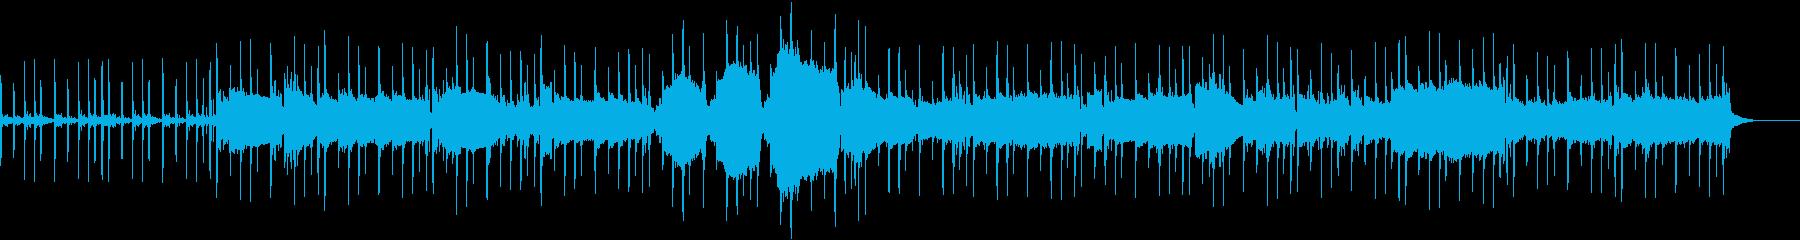 フェイザーを用いたポップな楽曲の再生済みの波形